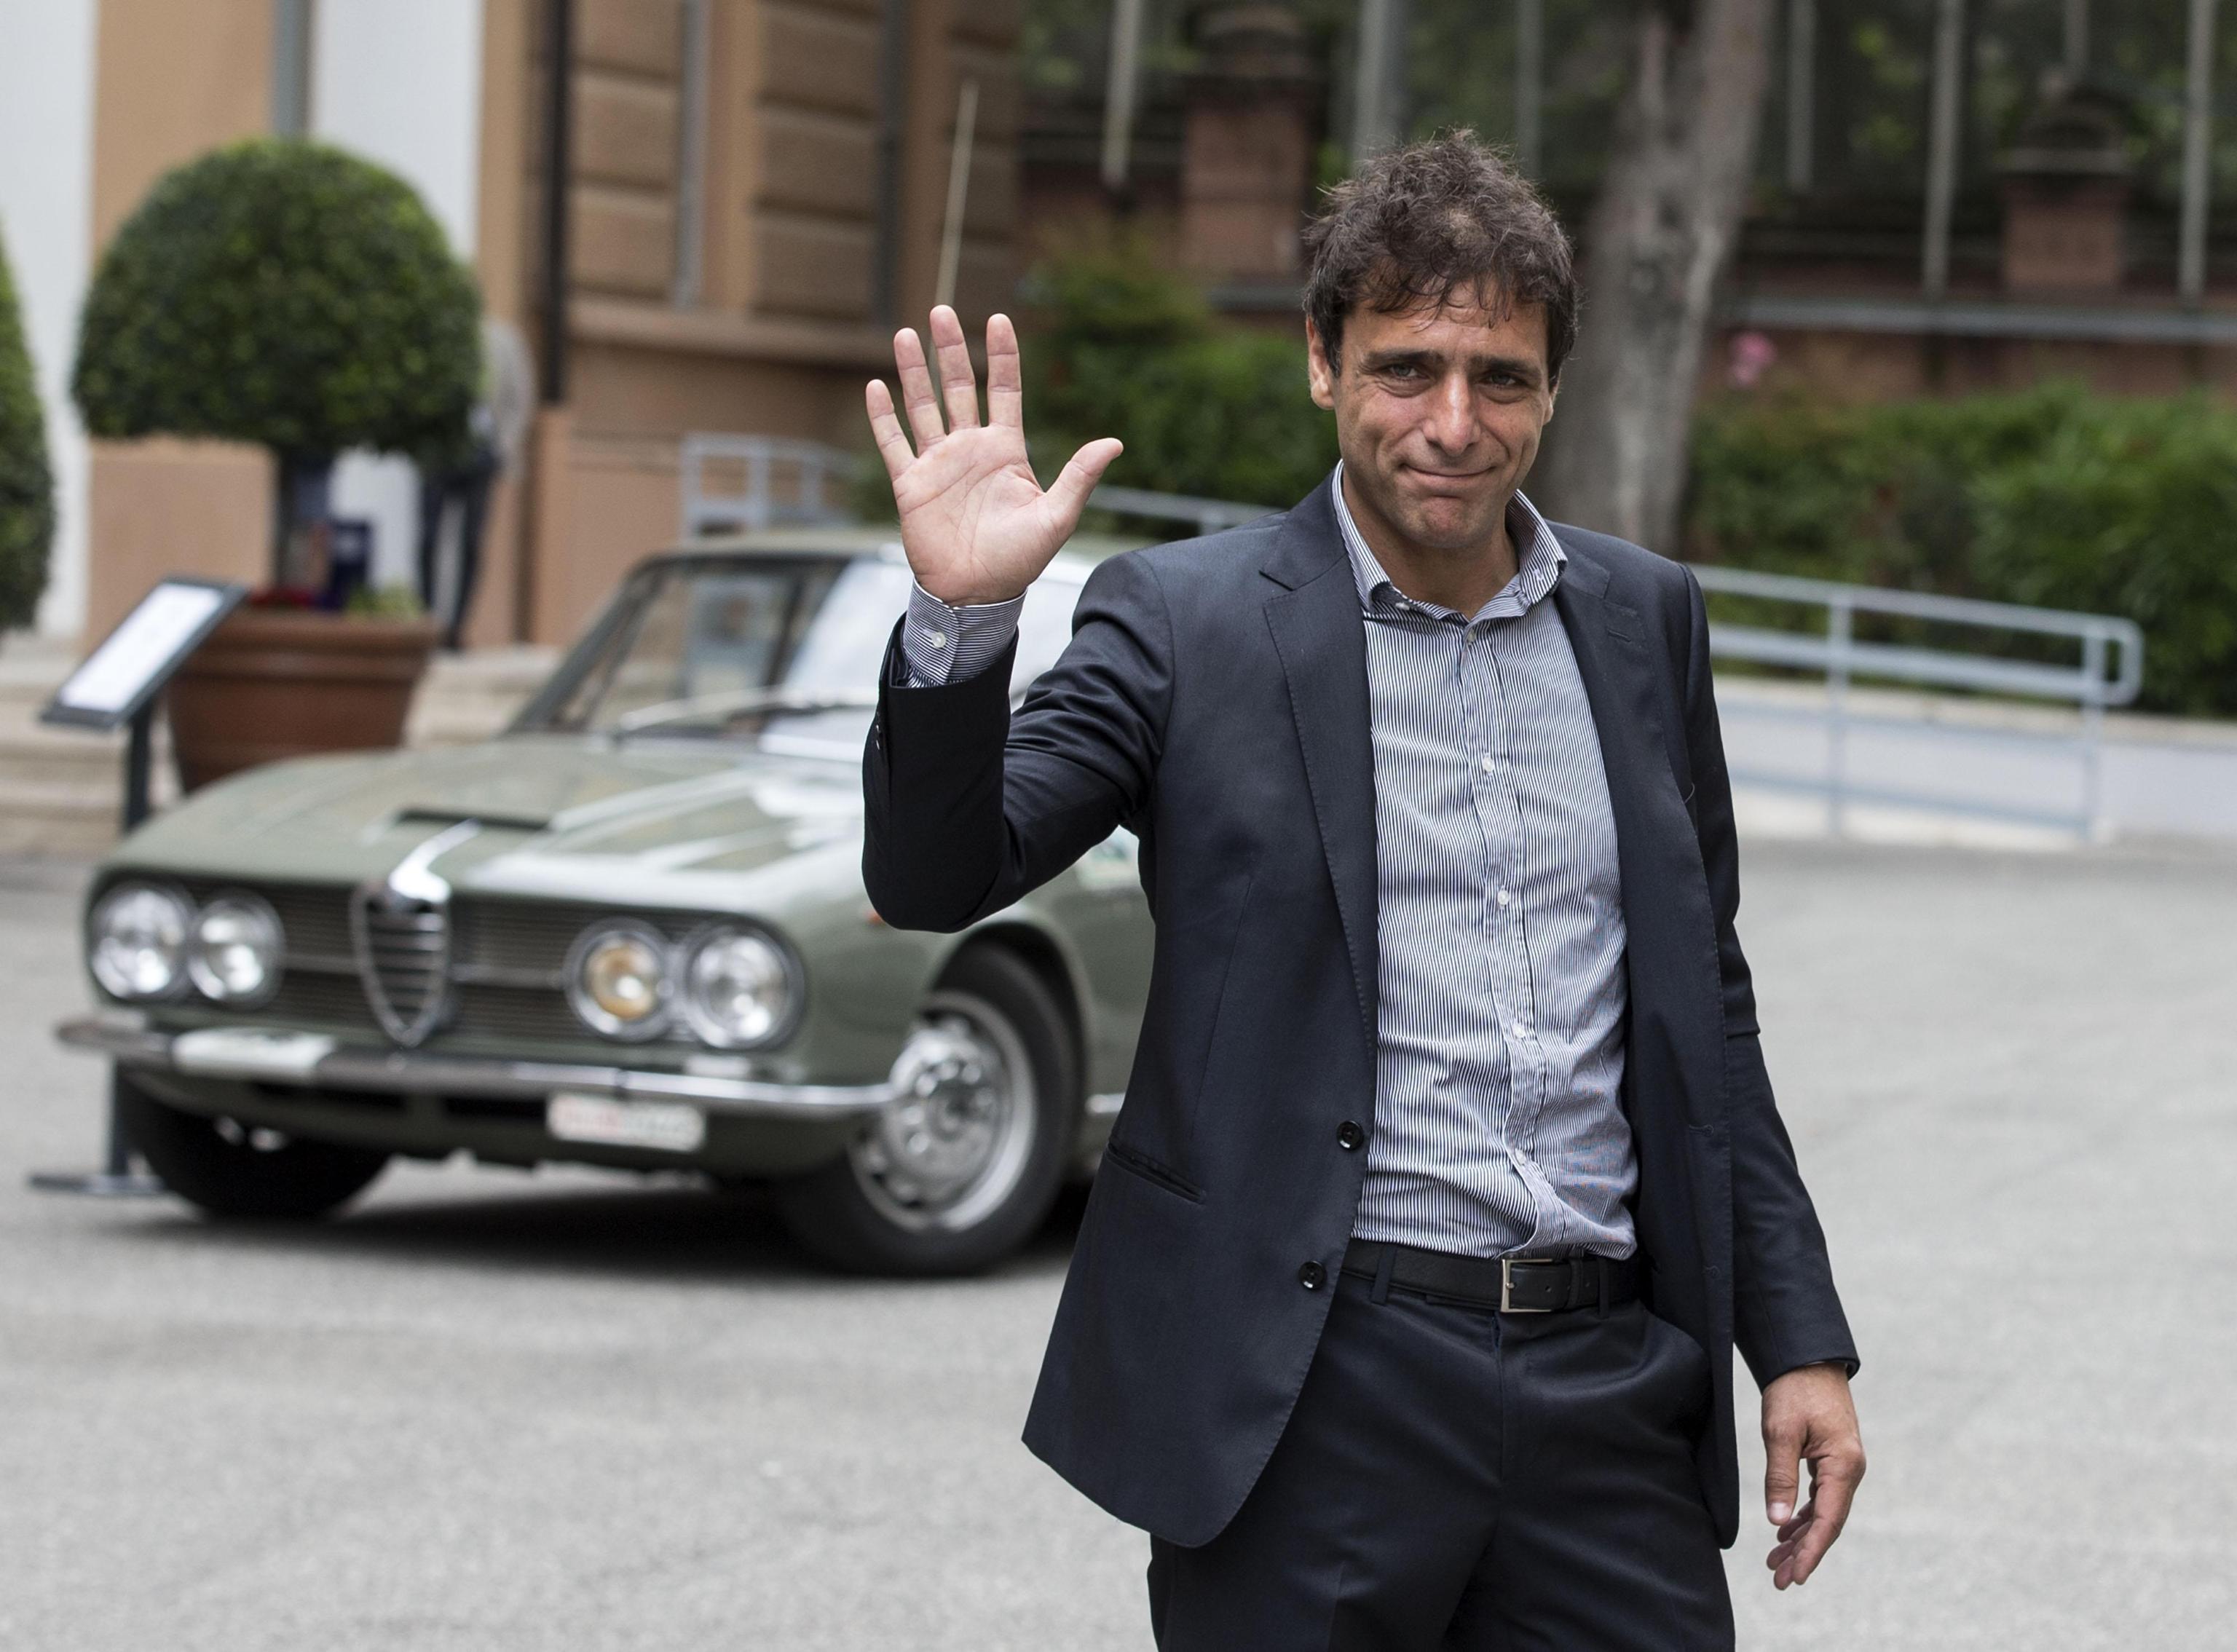 Adriano Giannini e Gaia Trussardi stanno insieme: la coppia esce allo scoperto